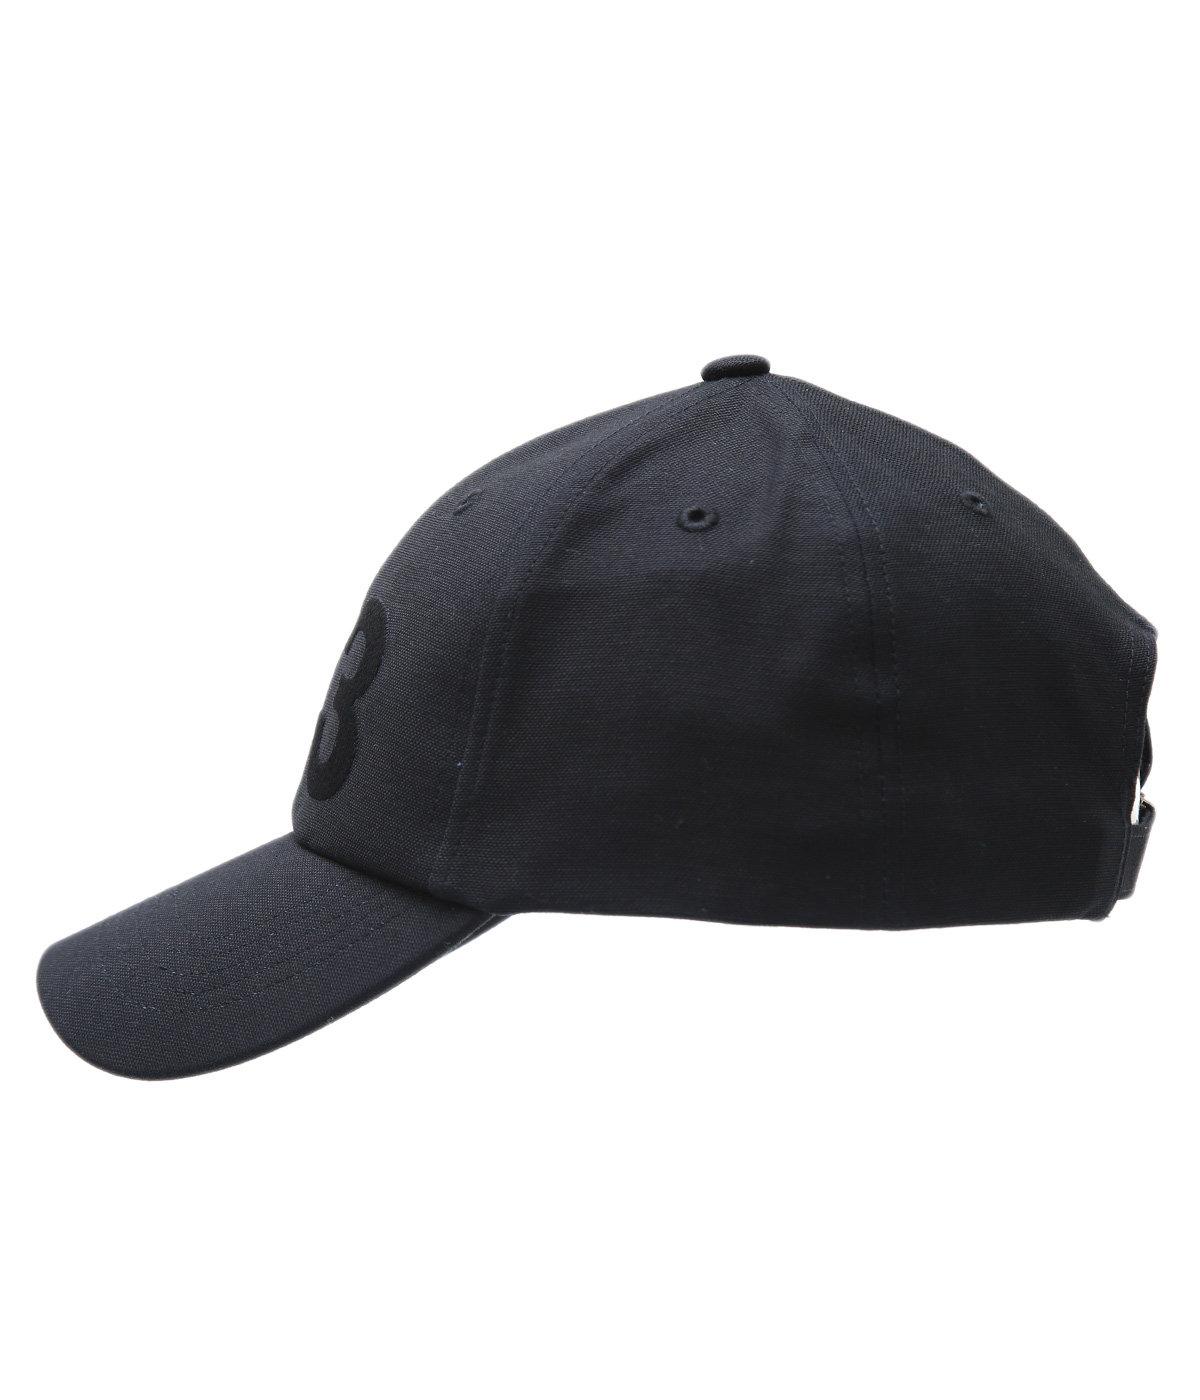 Y-3 CLASSIC LOGO CAP